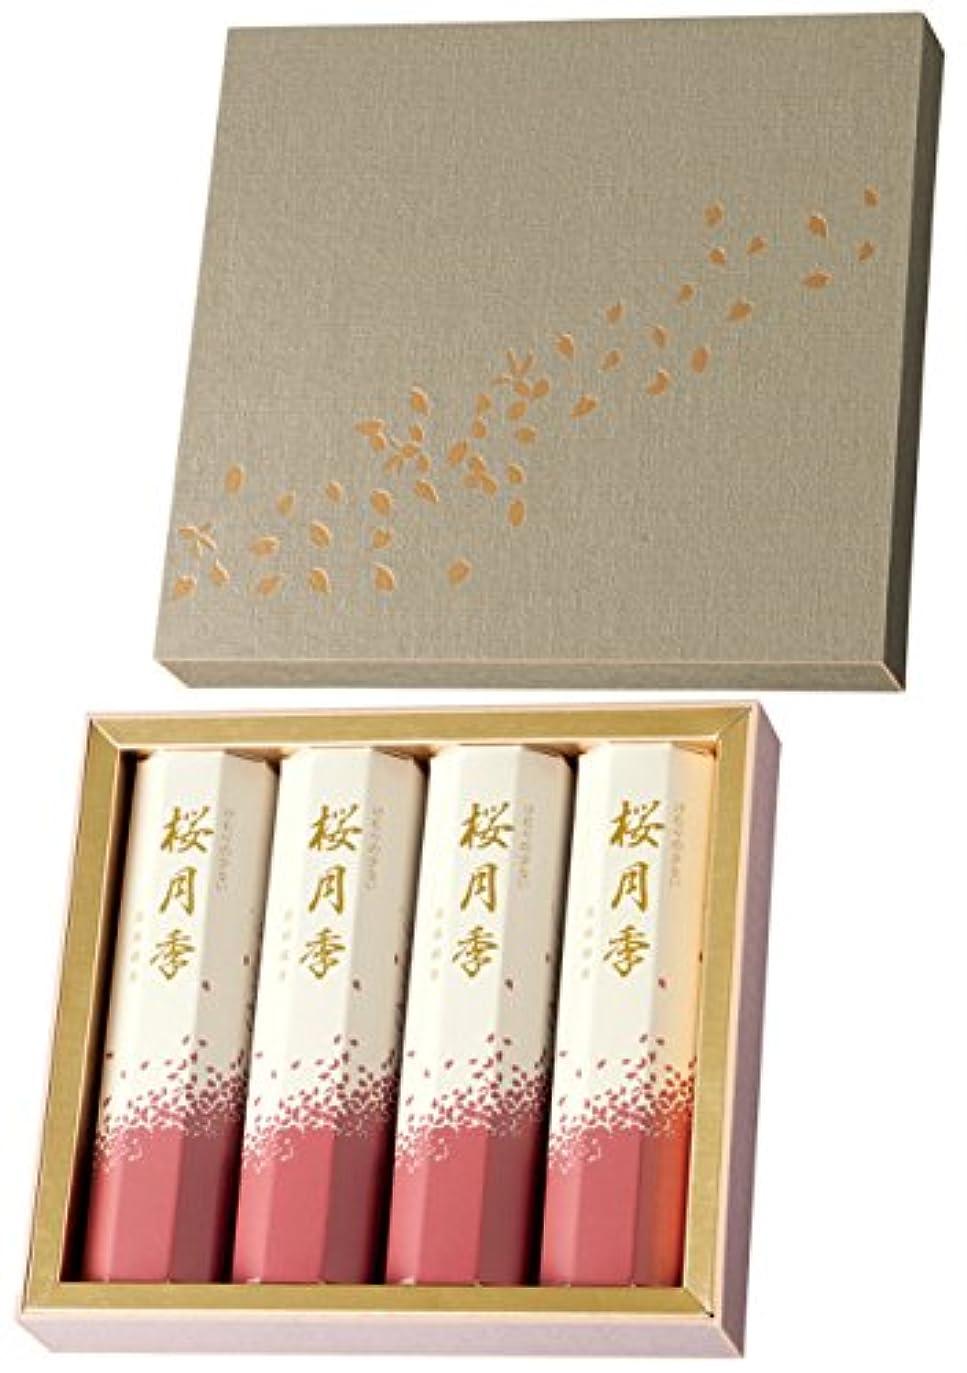 くびれた隠された苦痛玉初堂のお線香 けむりの少ない 桜月季 短寸4箱入 化粧紙箱 #6640